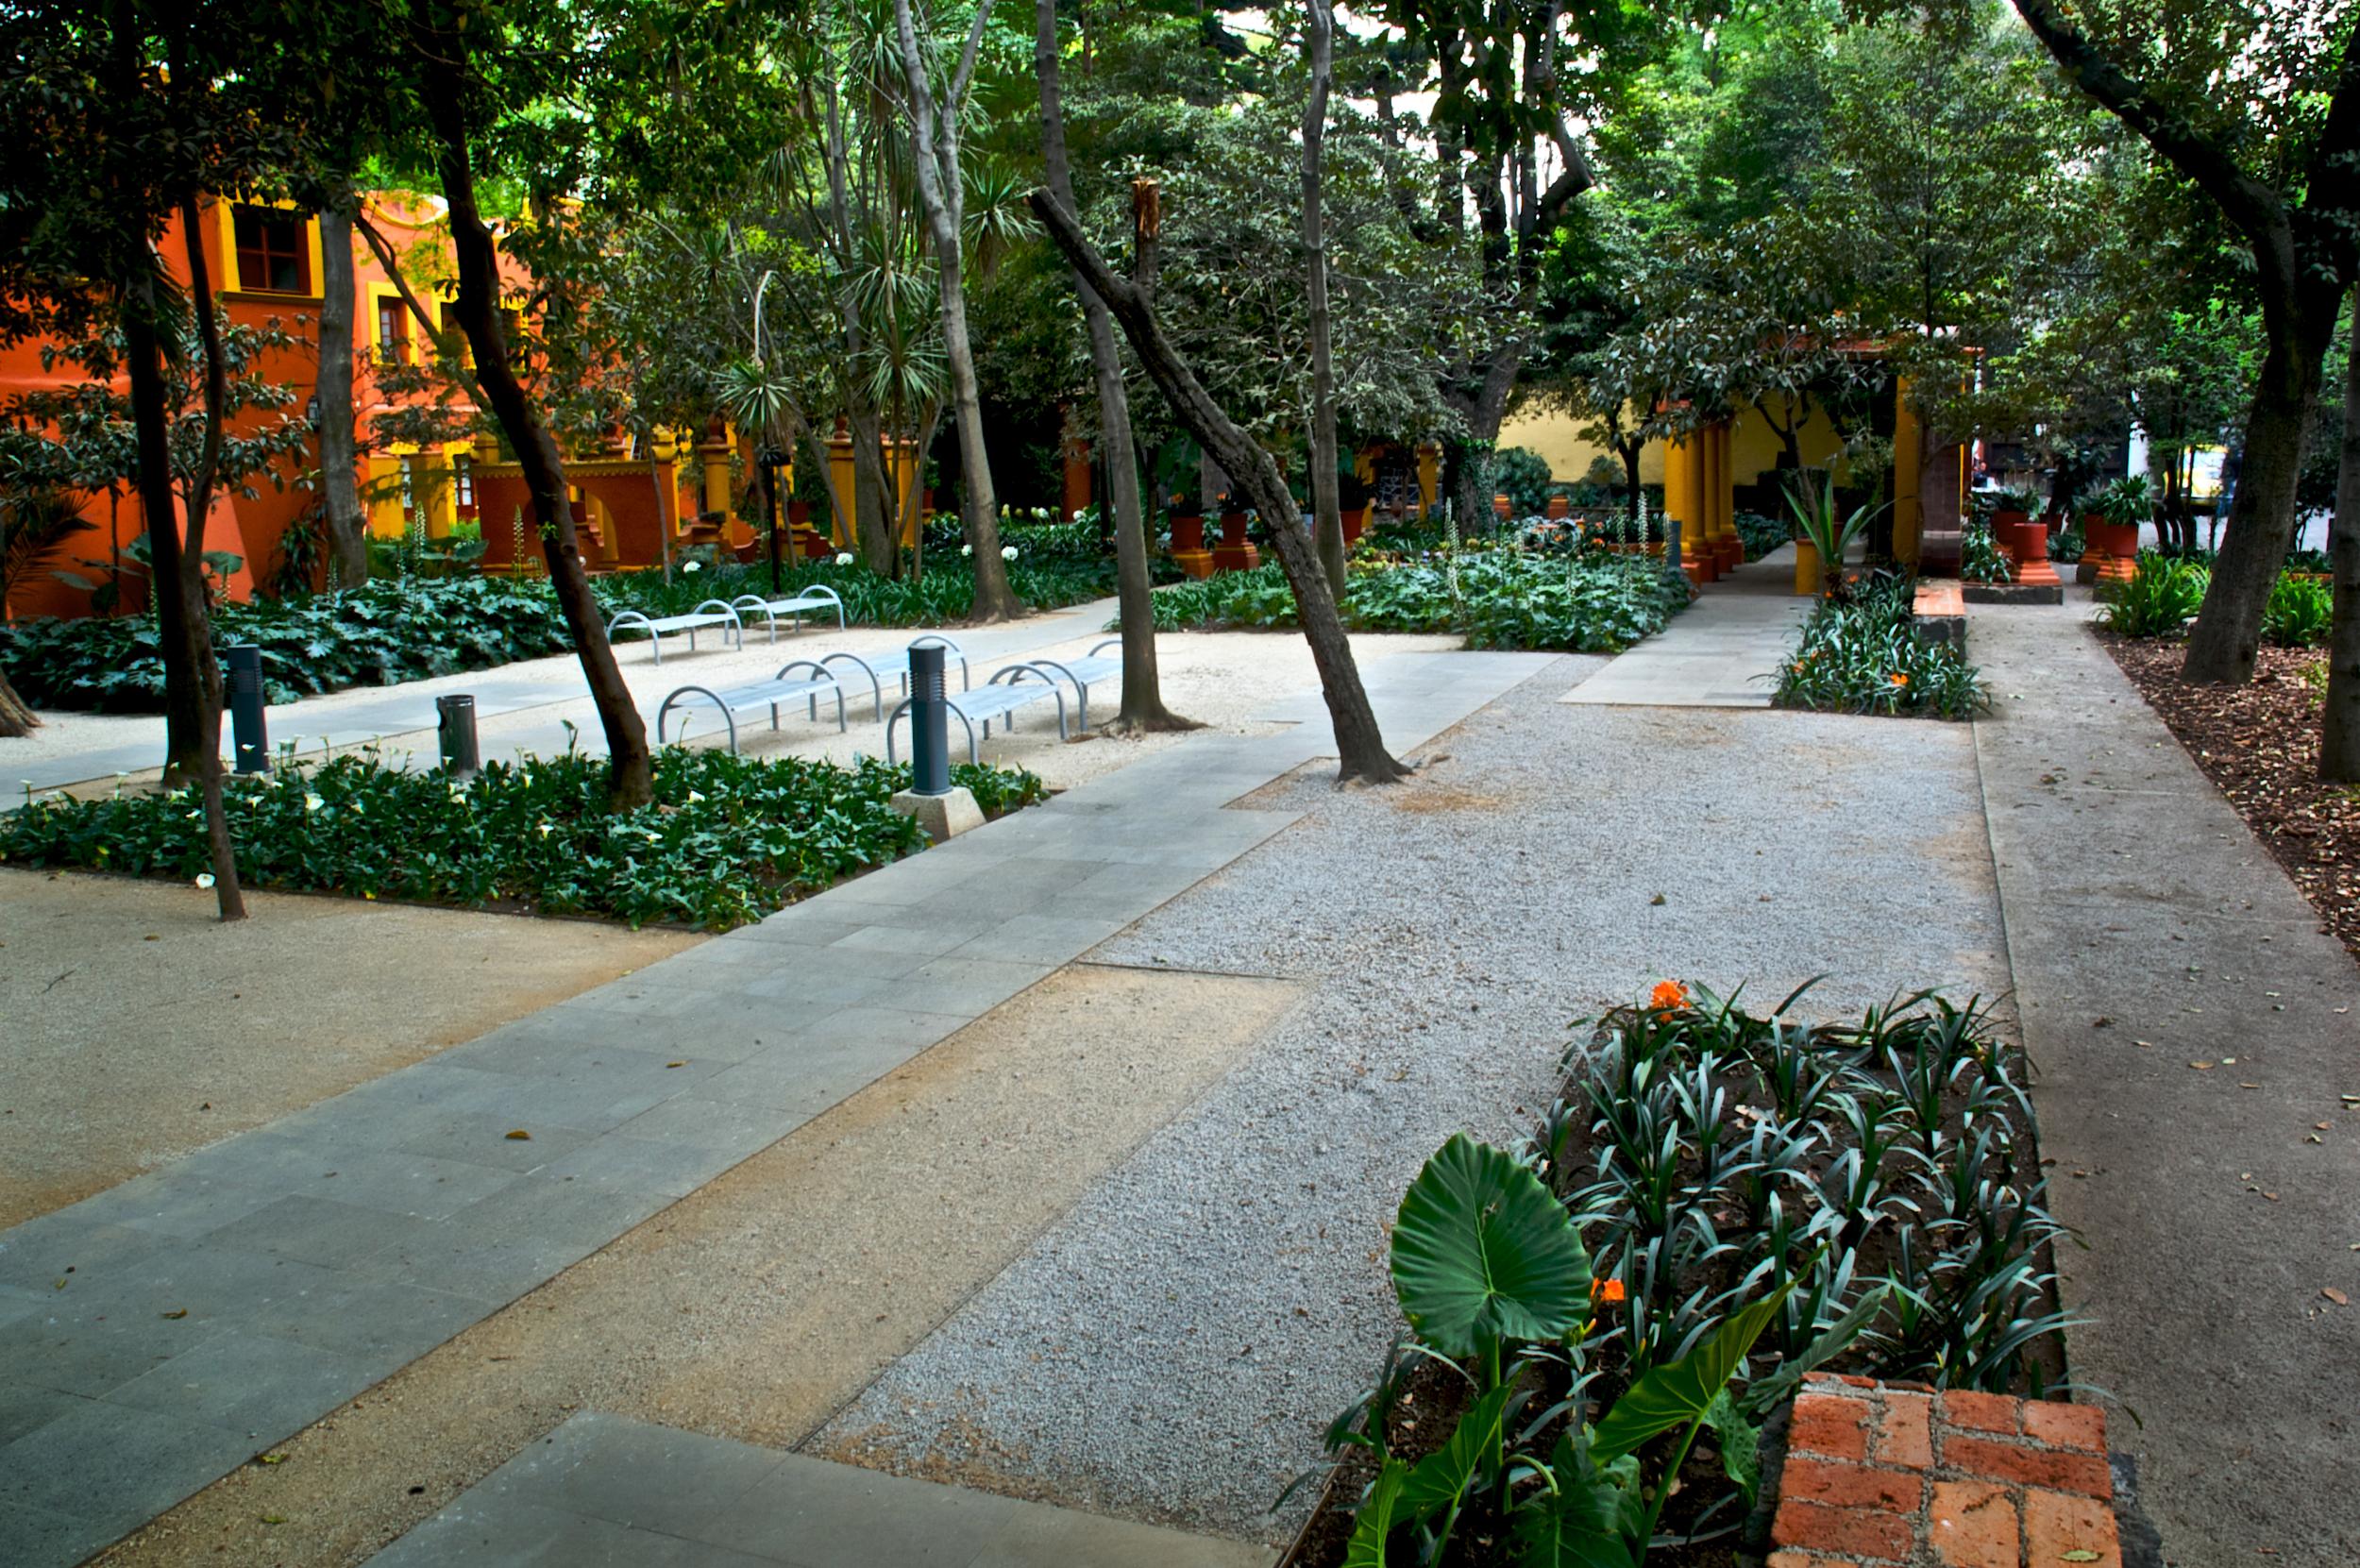 Jardin Fonoteca 2008 72 (35 of 48).png